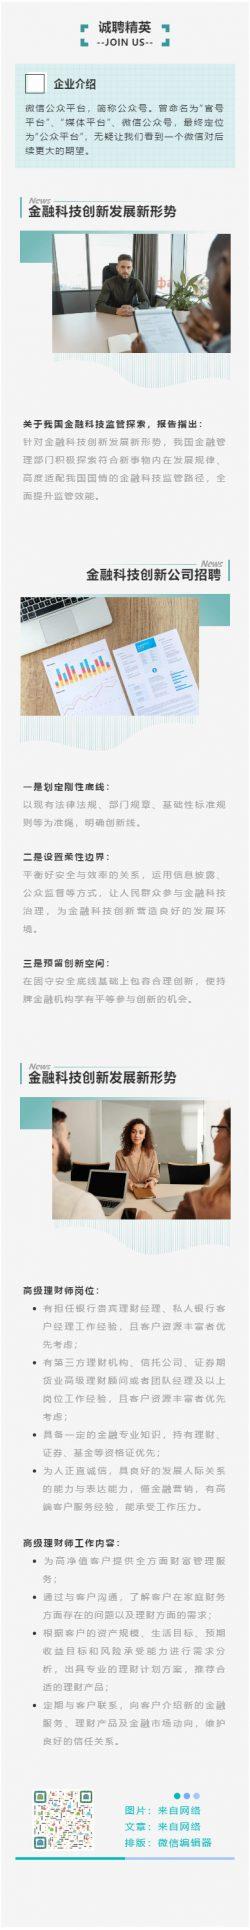 简约风格企业招聘模板微信公众号推送图文素材模板公司人才推文文章